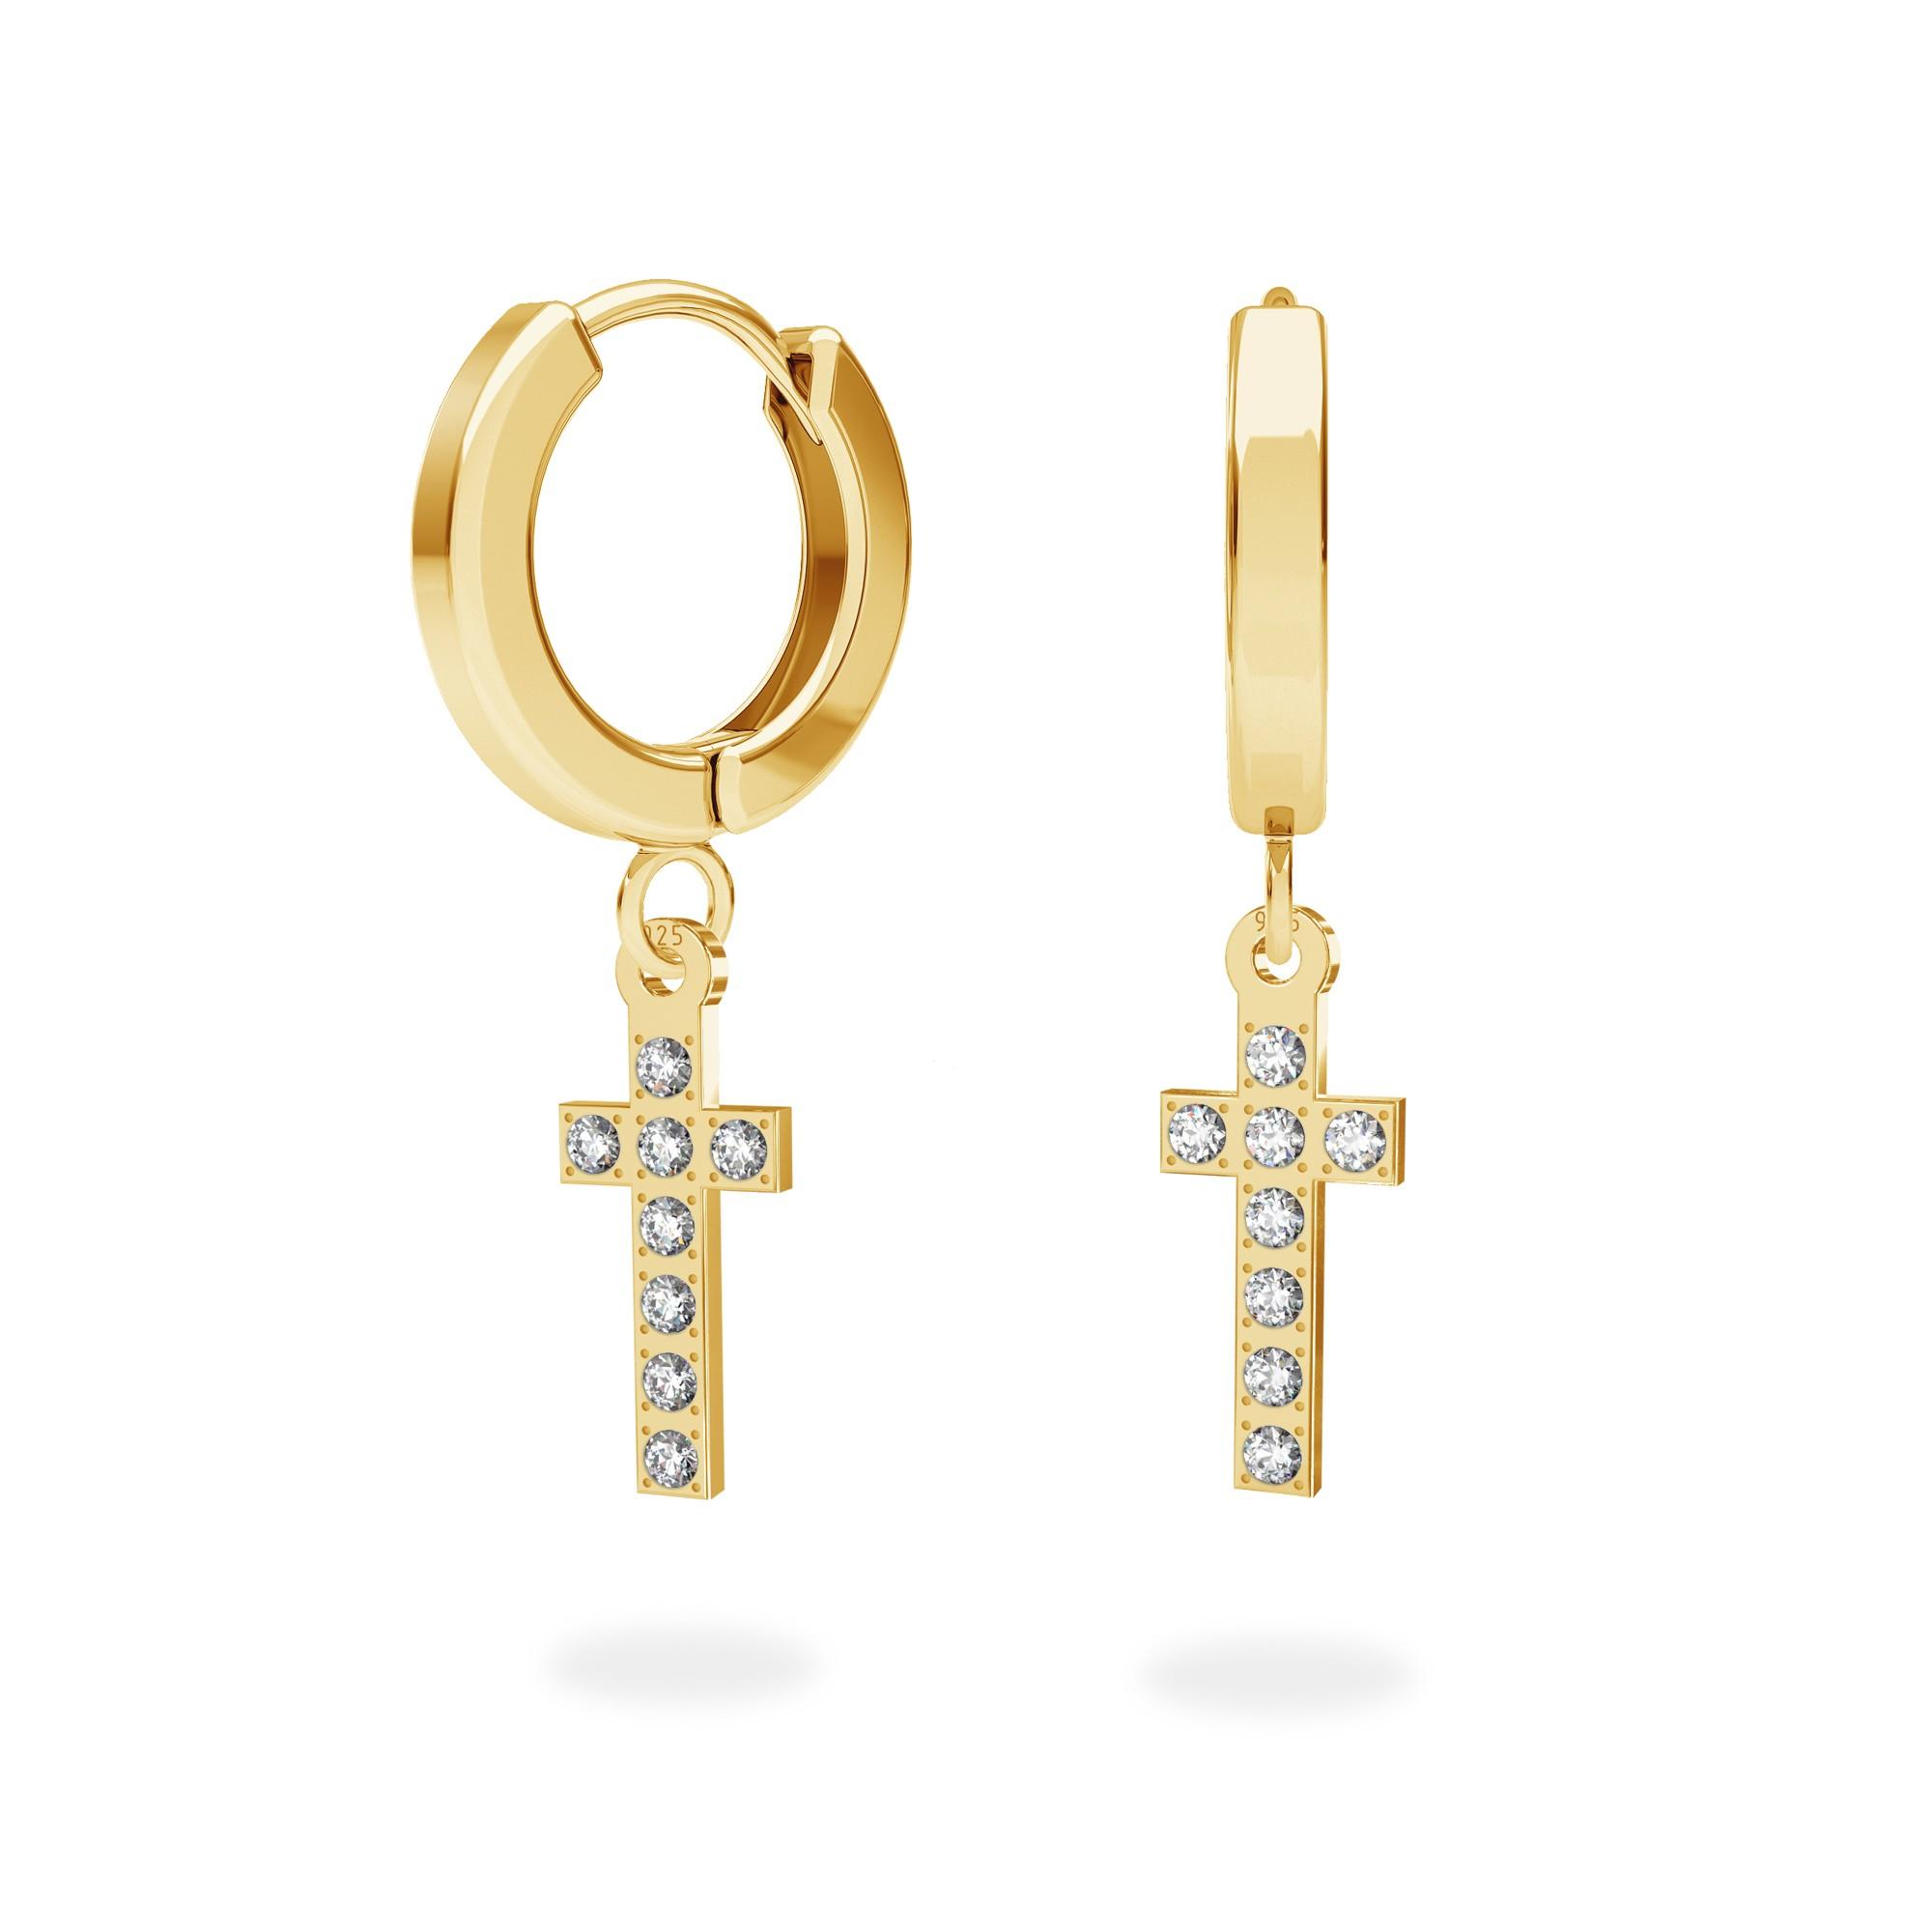 Delikatne wiszące kolczyki, krzyżyki z kryształami Swarovskiego, srebro 925